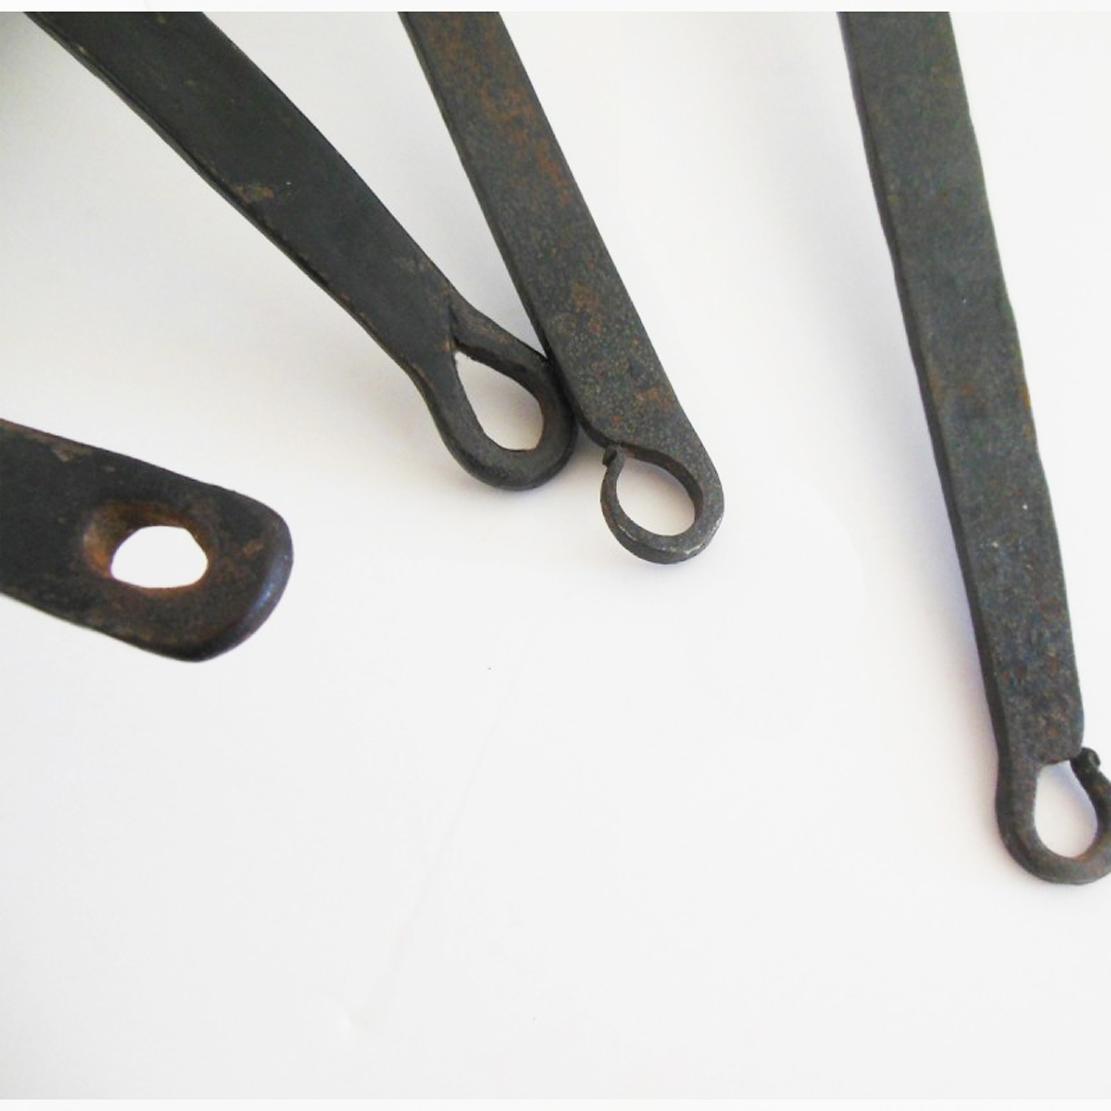 juego de cazos de cobre antiguos realizados a mano siglo xix o anteriores´Juego cacerolas de cobre pesado francesa antigua, mango de hierro forjado.Four antique French heavy copper saucepan, wrought iron handle